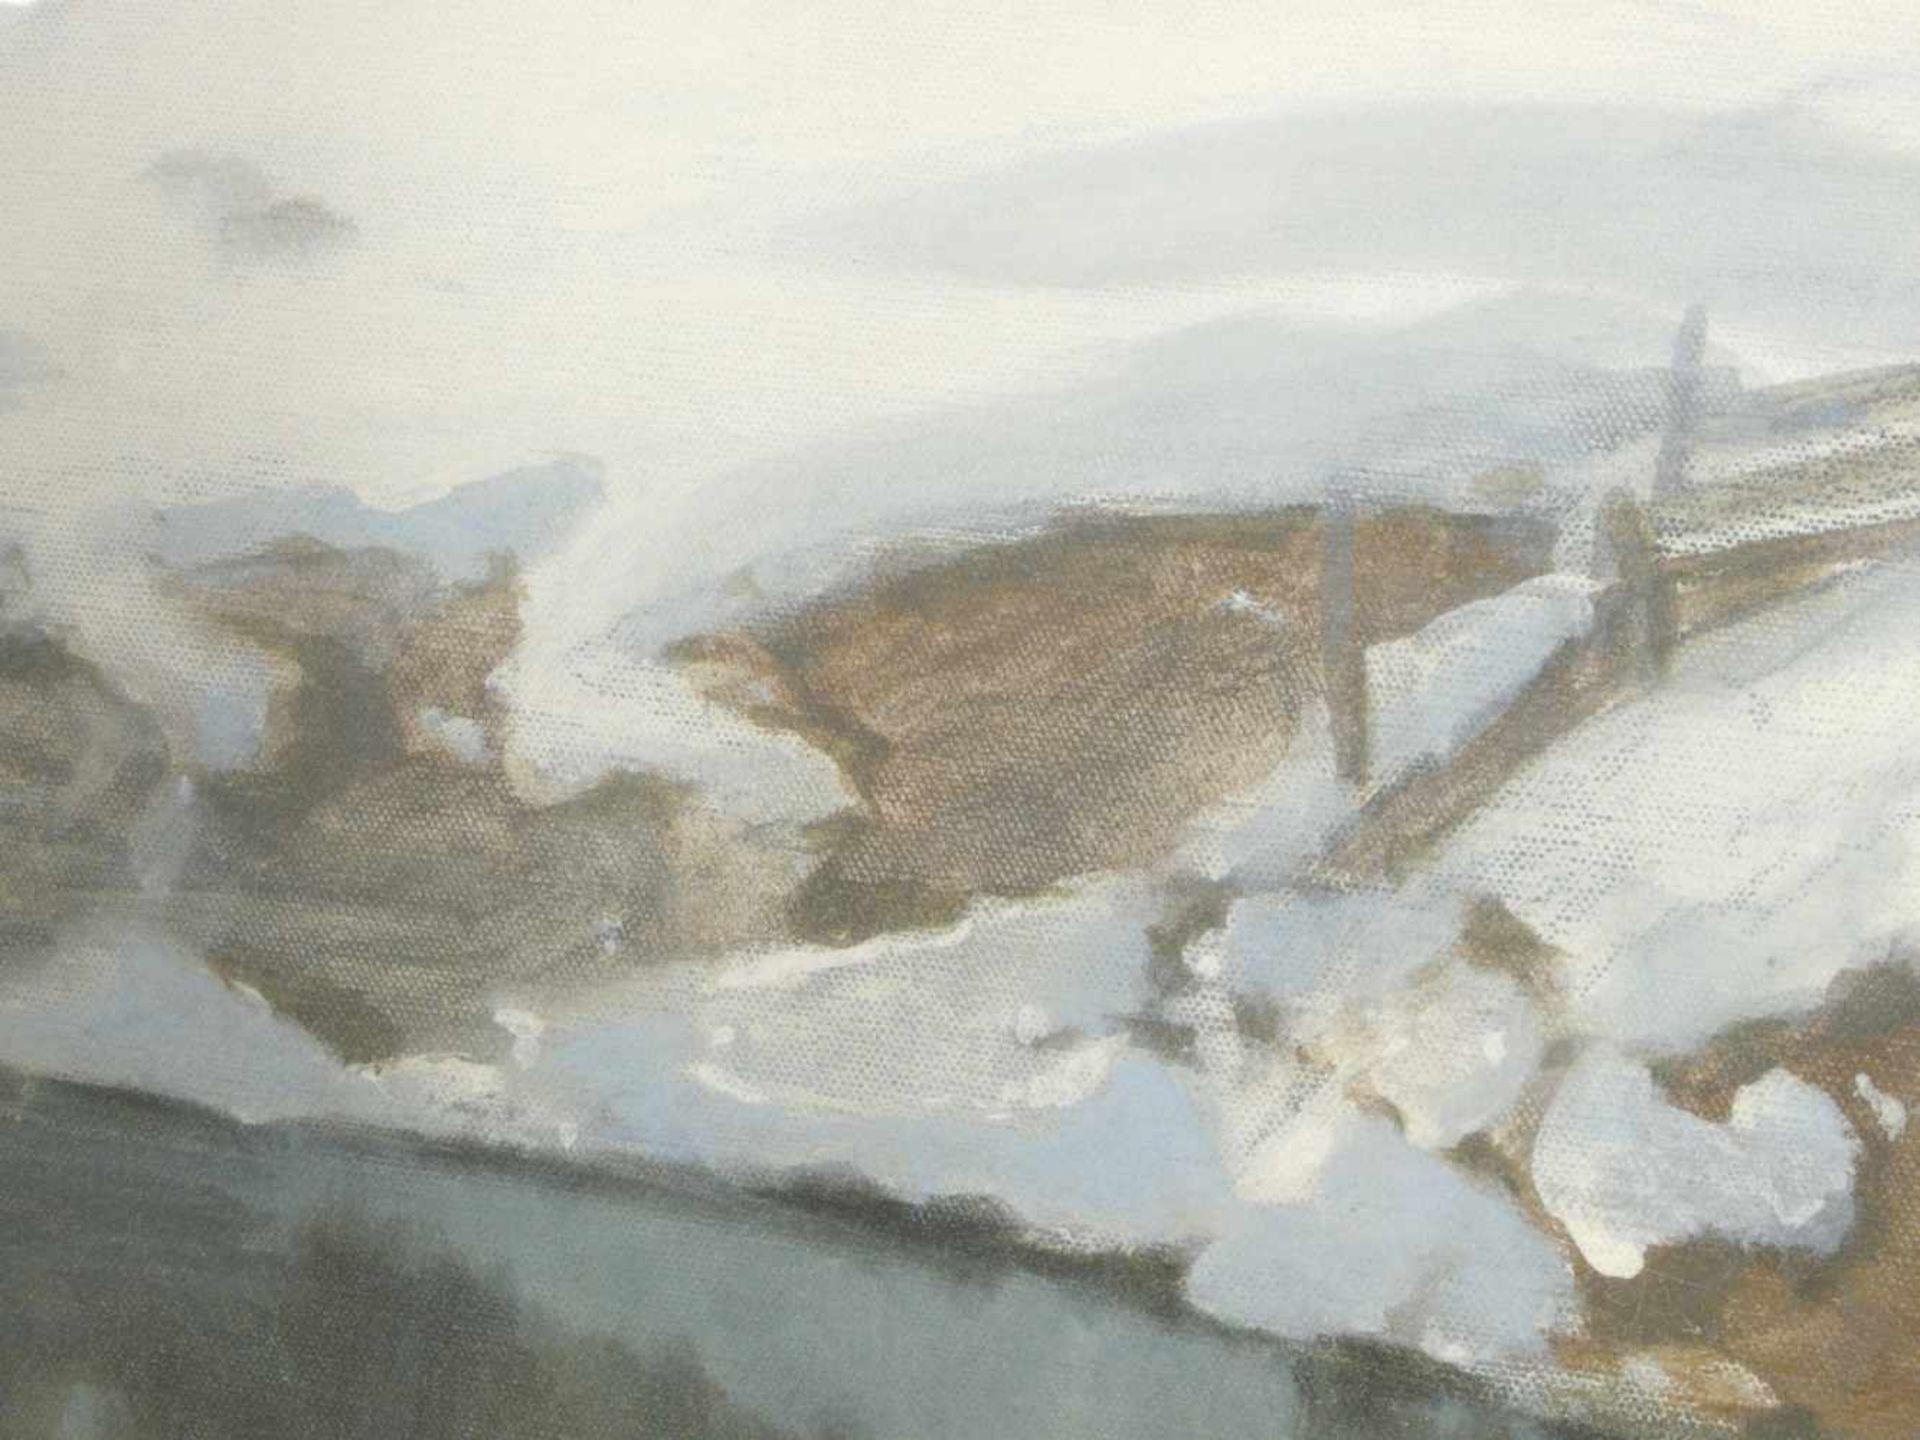 Hans Ritter von Petersen (1850-1914) - SchneeschmelzeIdyllische Winterlandschaft durch die ein - Bild 2 aus 8